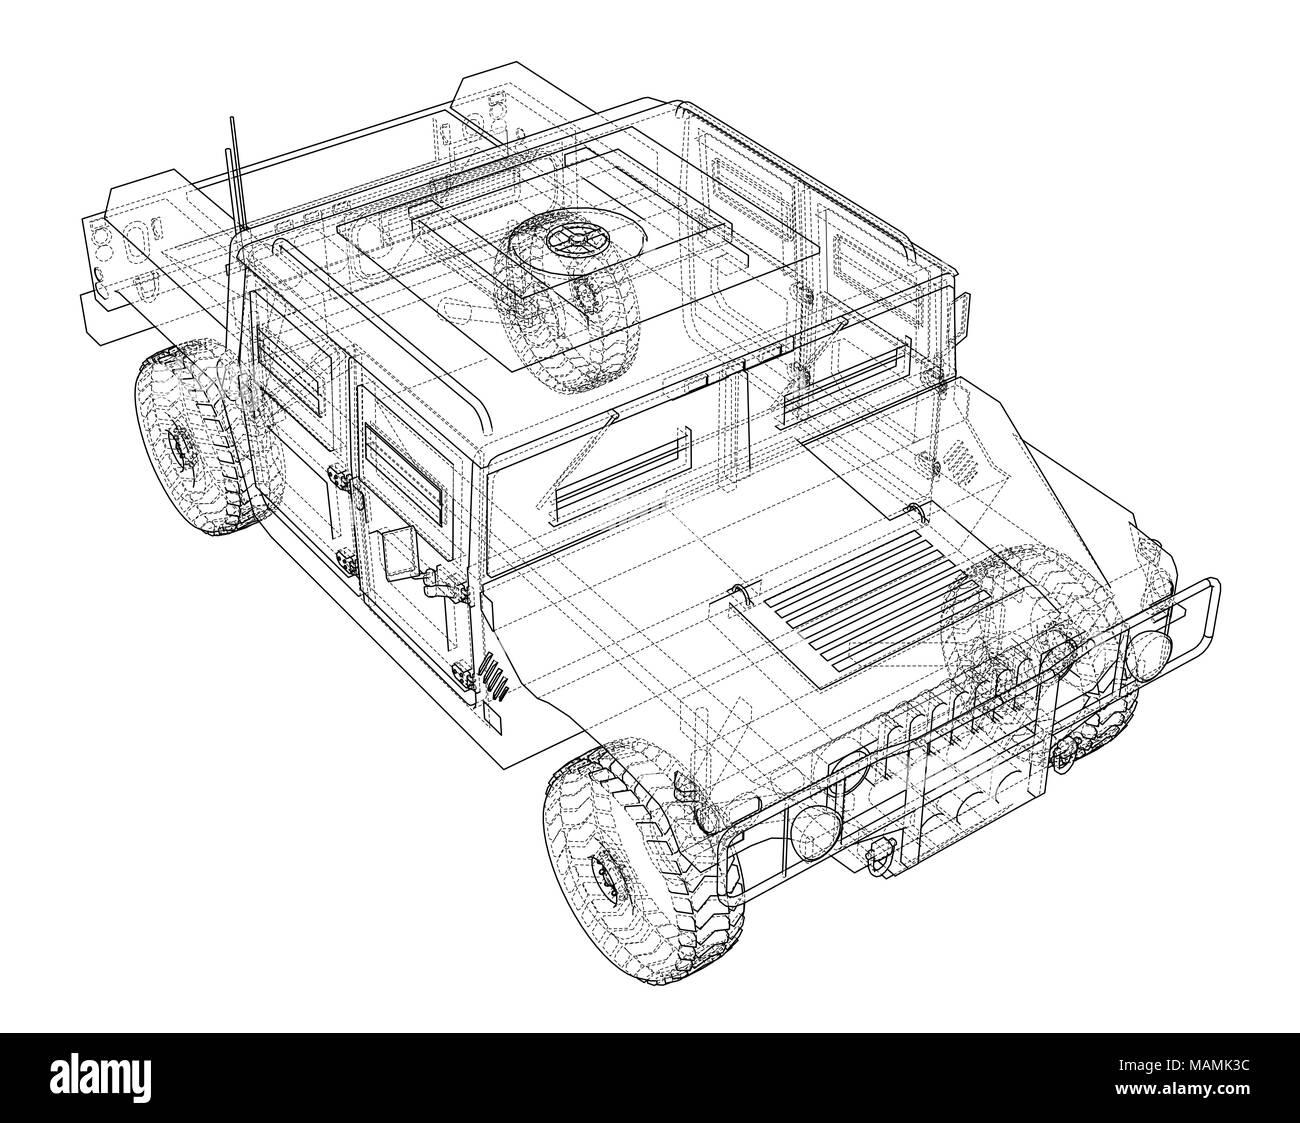 Fein Blueprint Wert Auto Bilder - Elektrische Schaltplan-Ideen ...